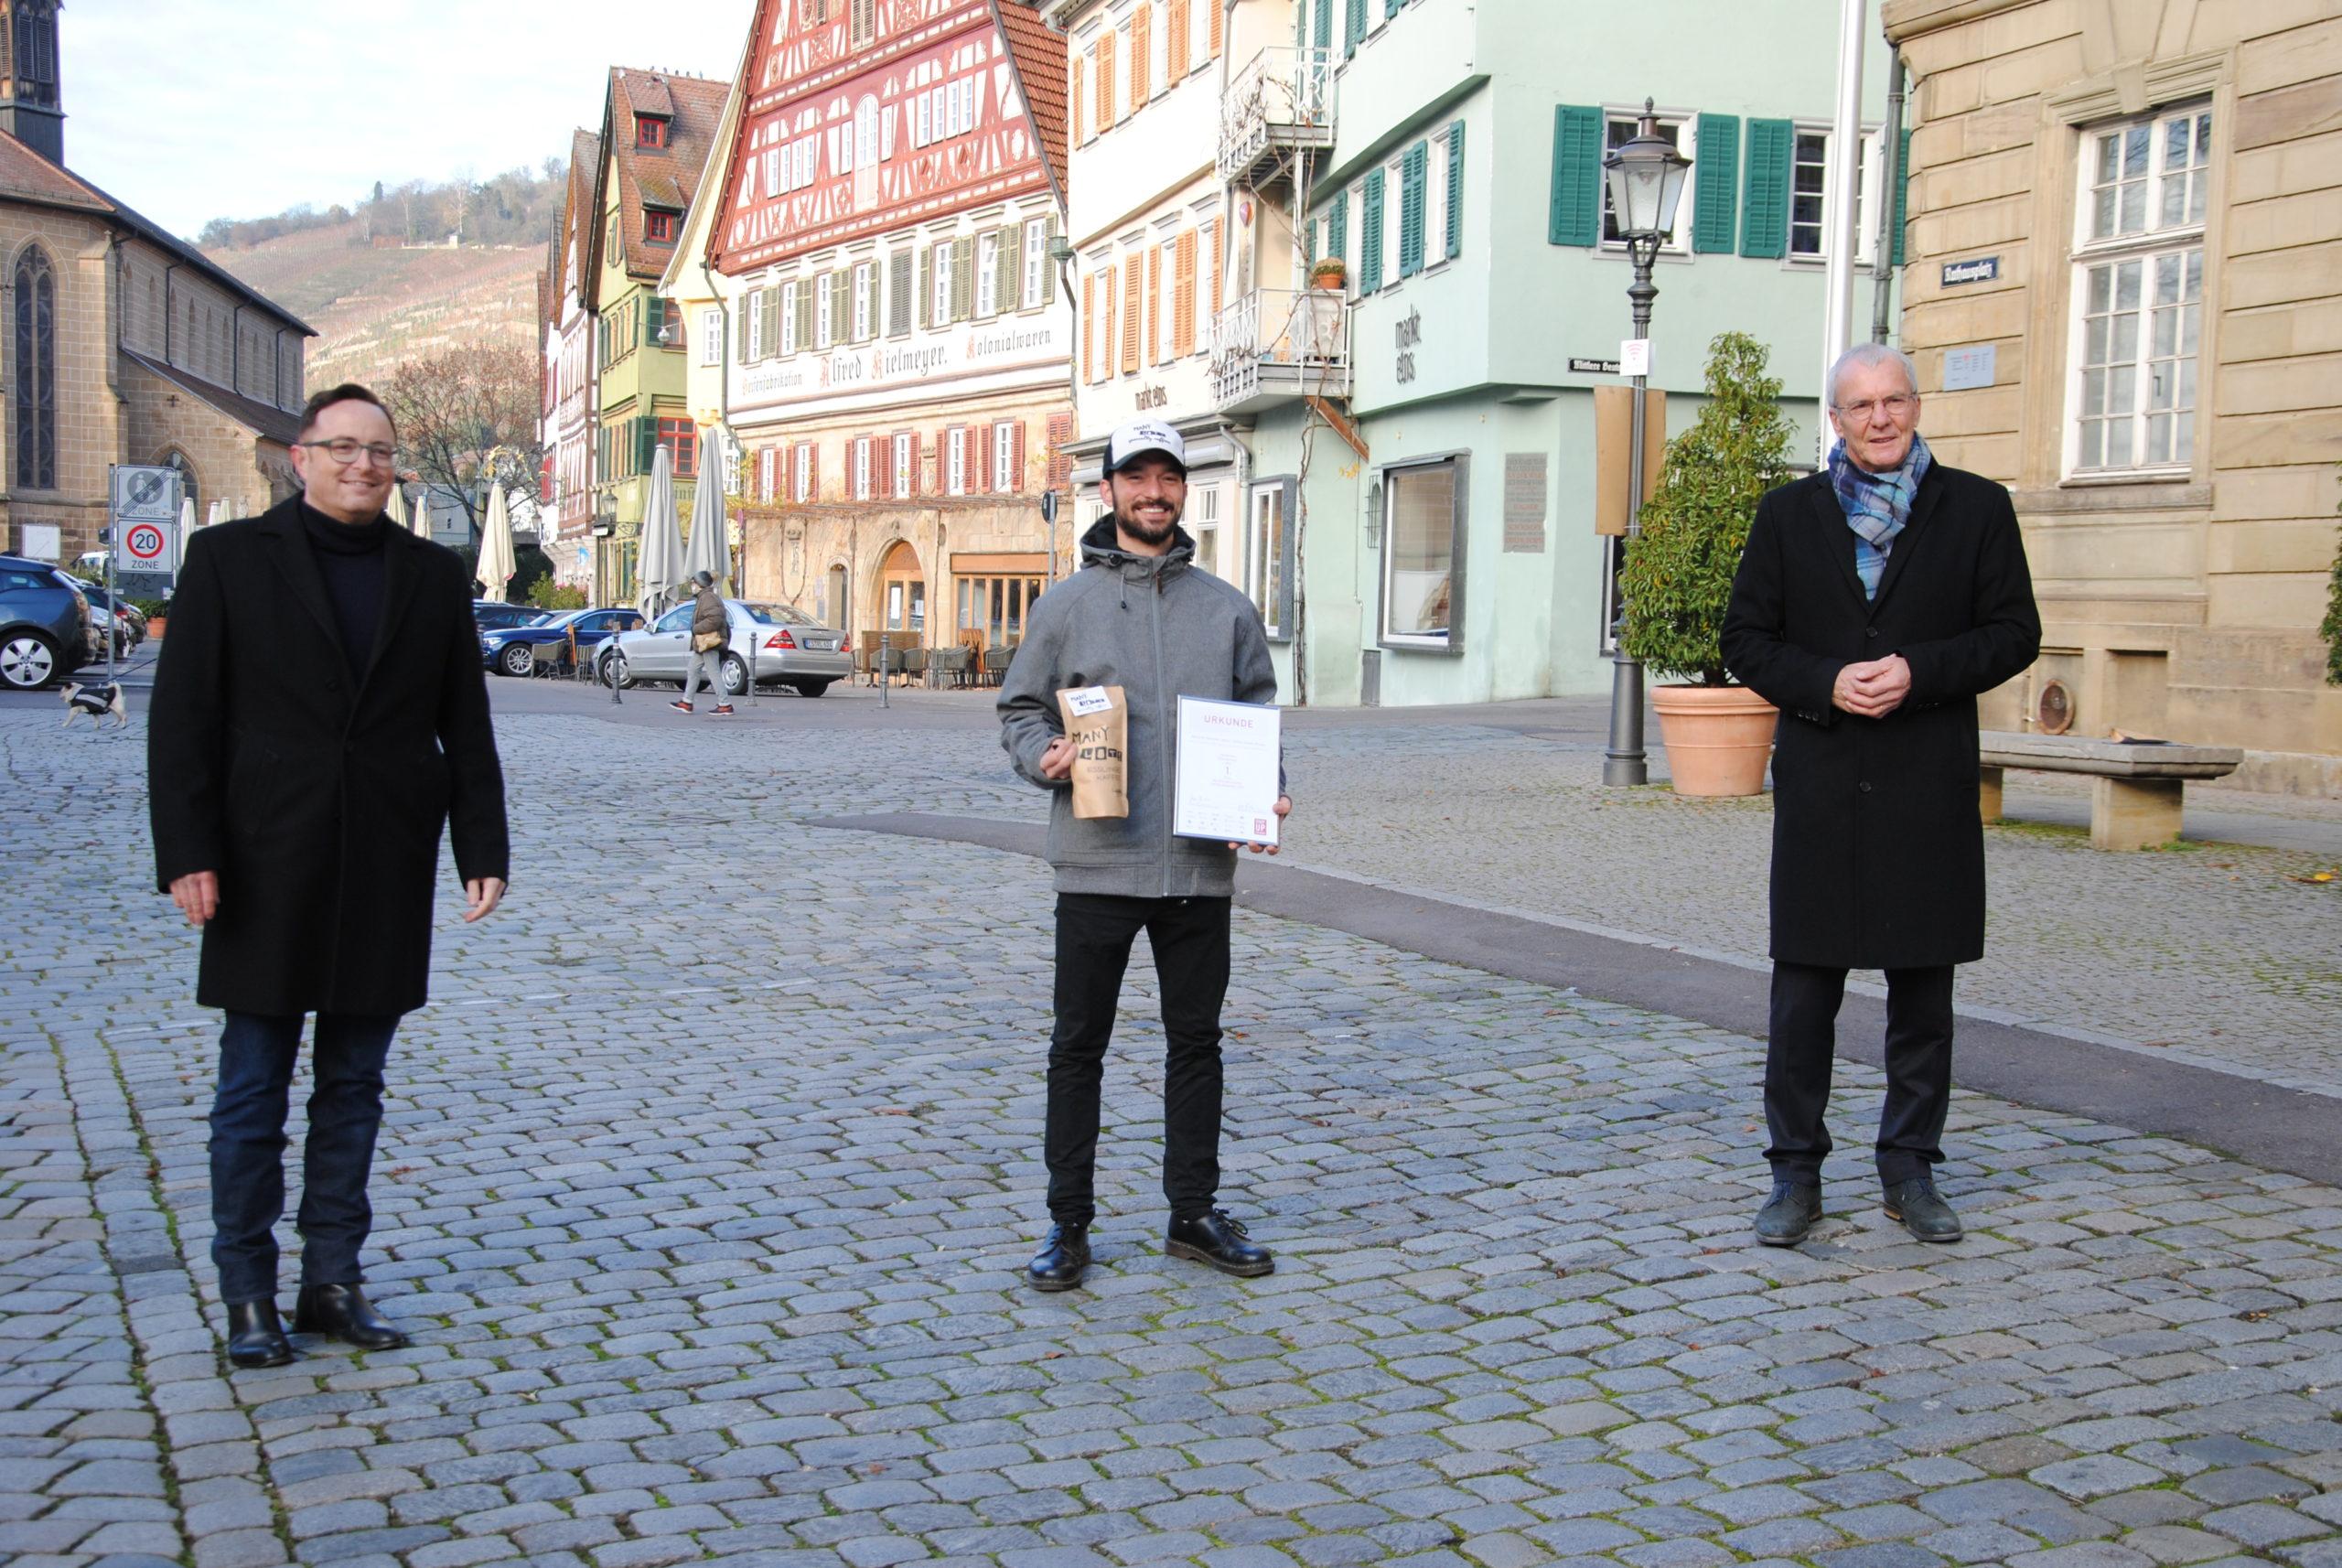 Preisverleihung – Fotograf EST GmbH – Rechteinhaber EST GmbH